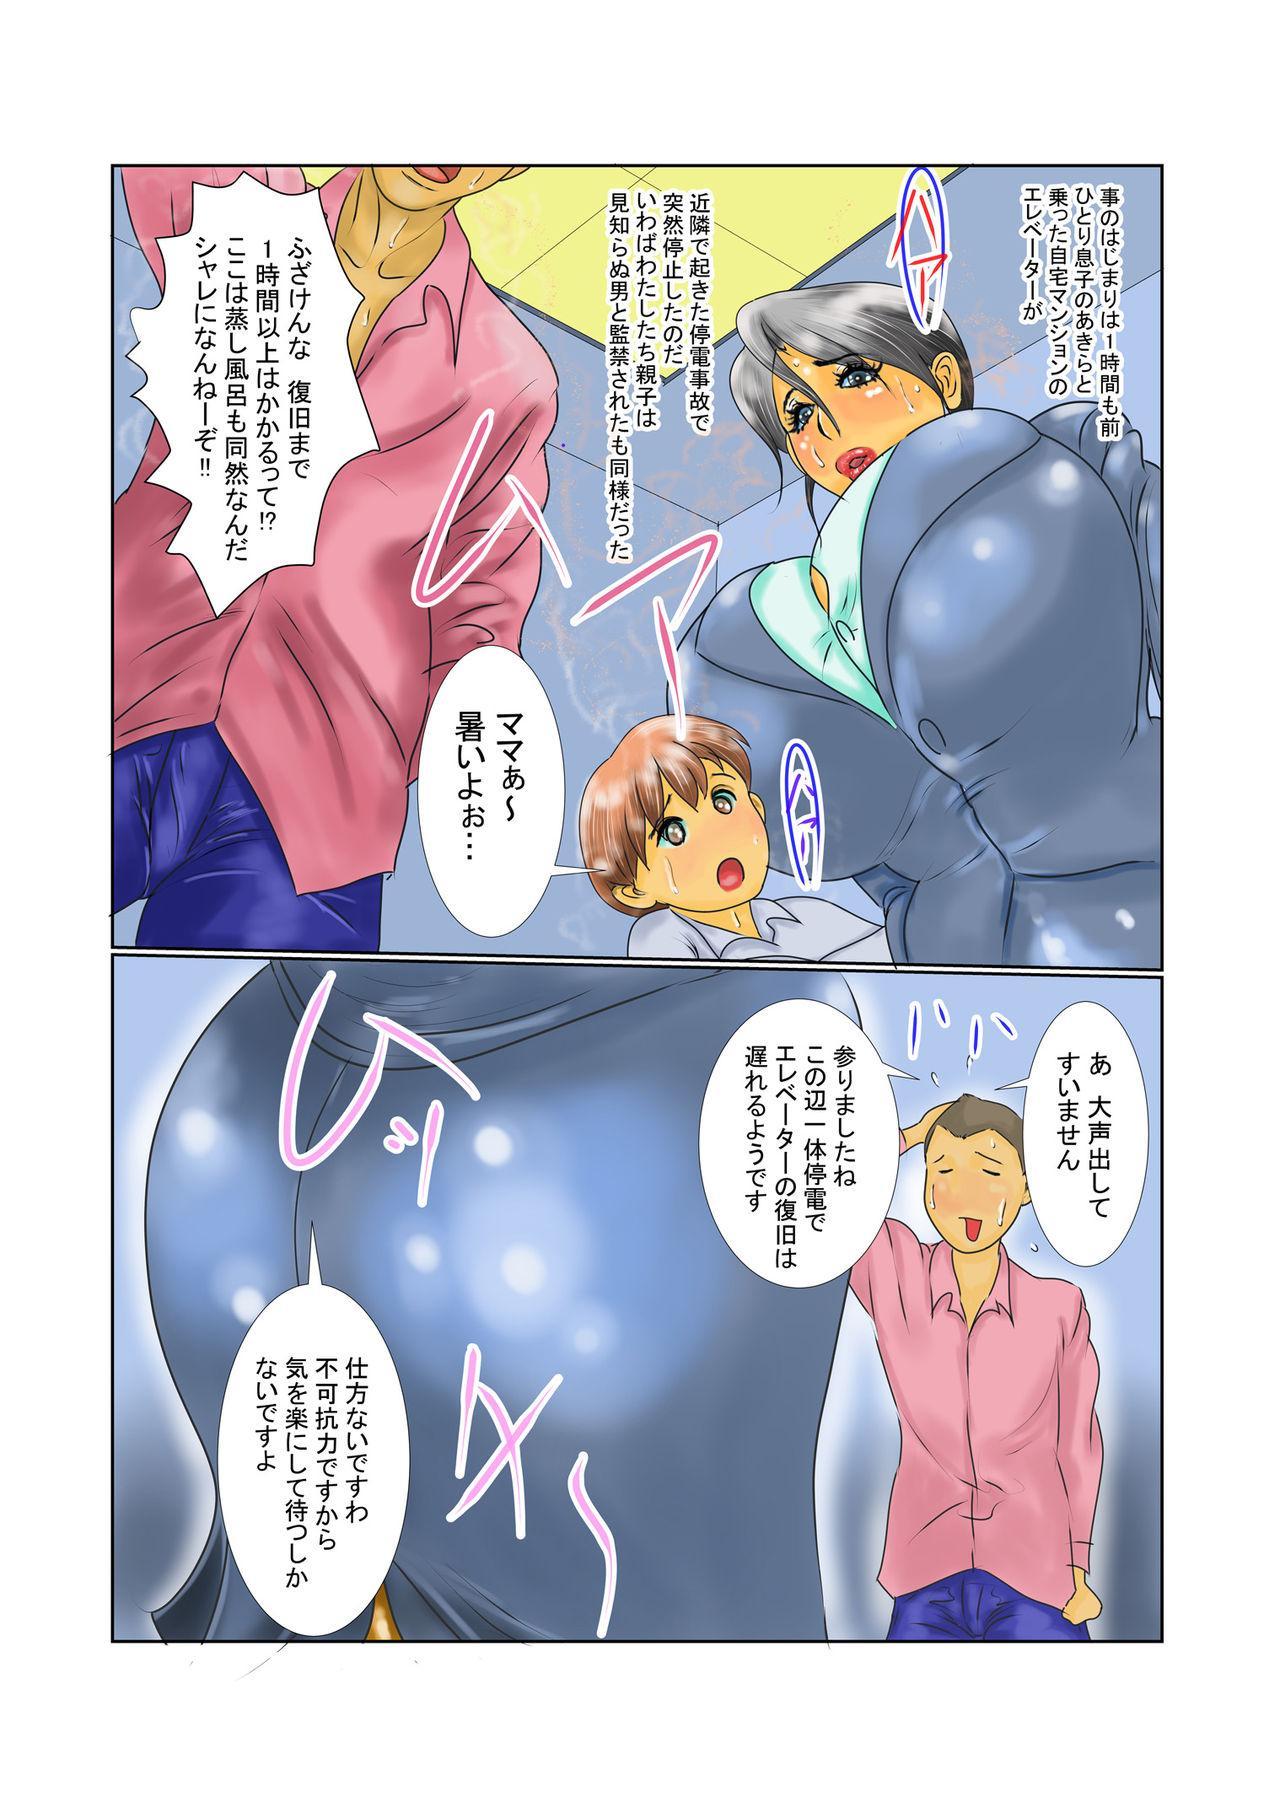 Uzuki Haha Mesu Buta Gimi no Mama ni Boku no Seishi o Agete Mita 2